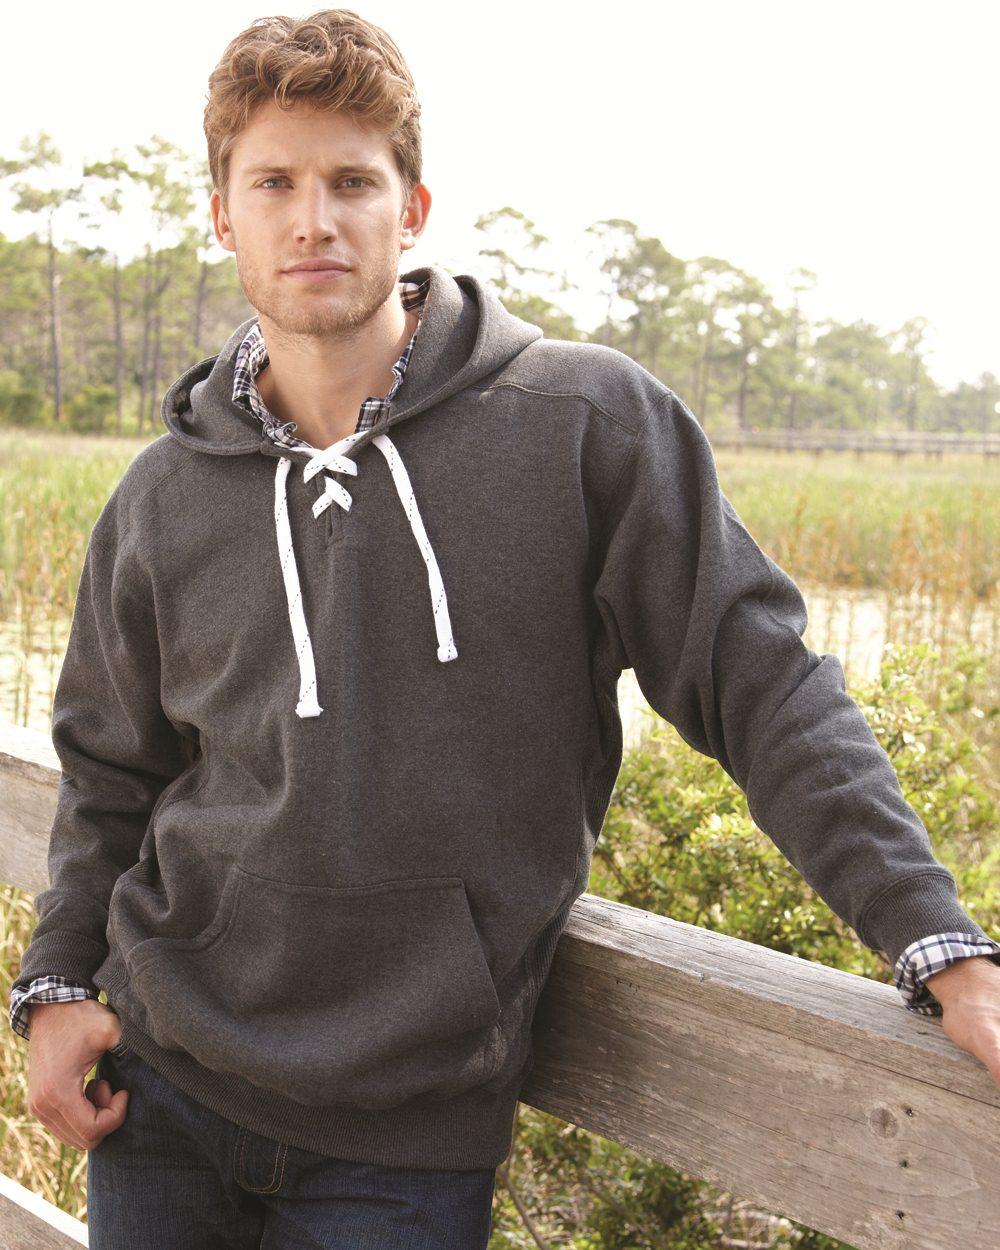 J America 8830 - Sport Lace Hooded Sweatshirt